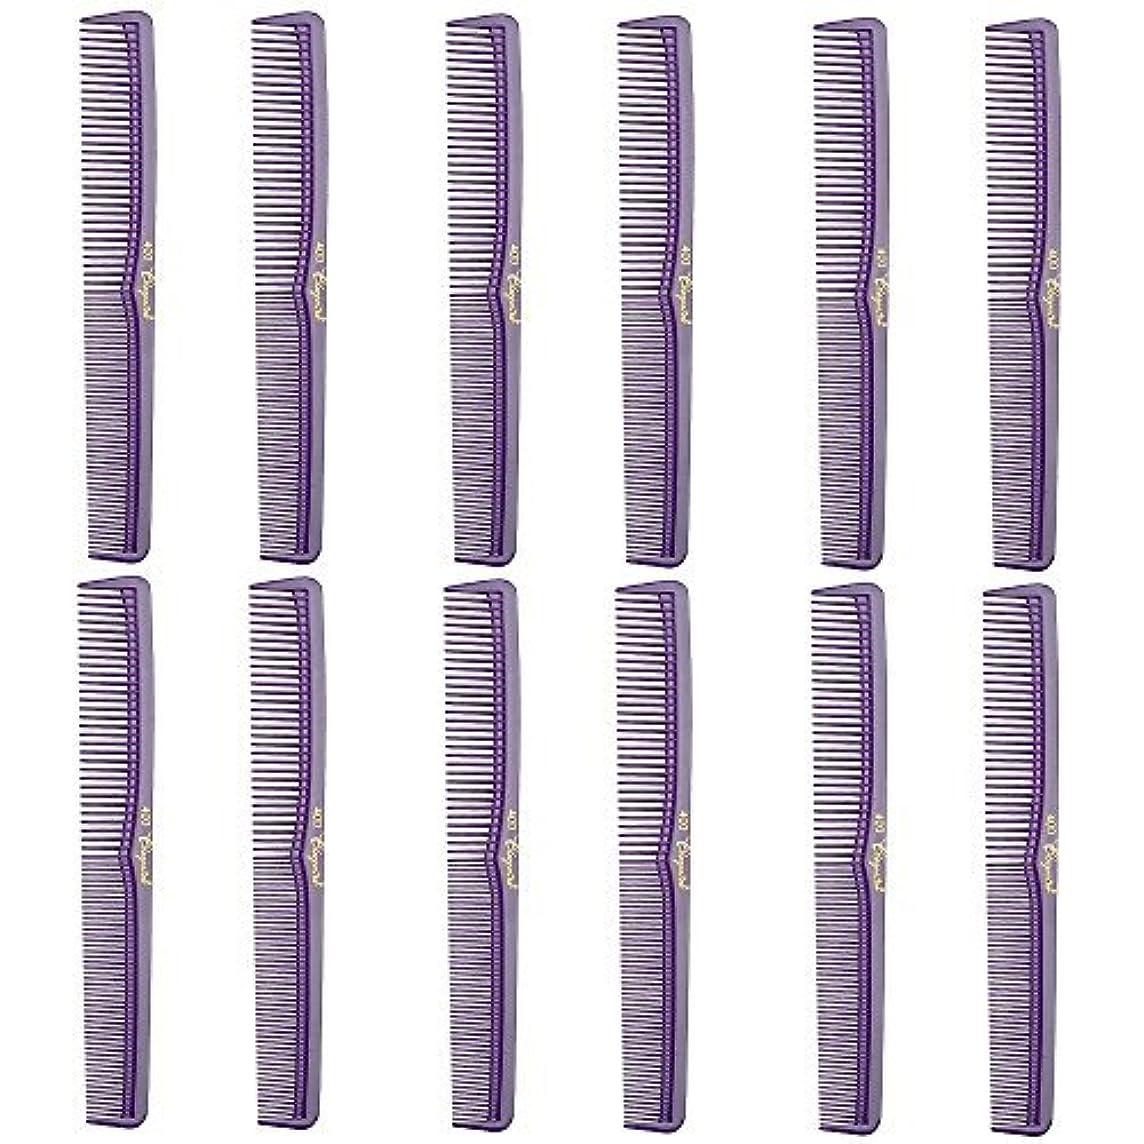 理想的には称賛等しいBarber Beauty Hair Cleopatra 400 All Purpose Comb (12 Pack) 12 x SB-C400-PURPLE [並行輸入品]